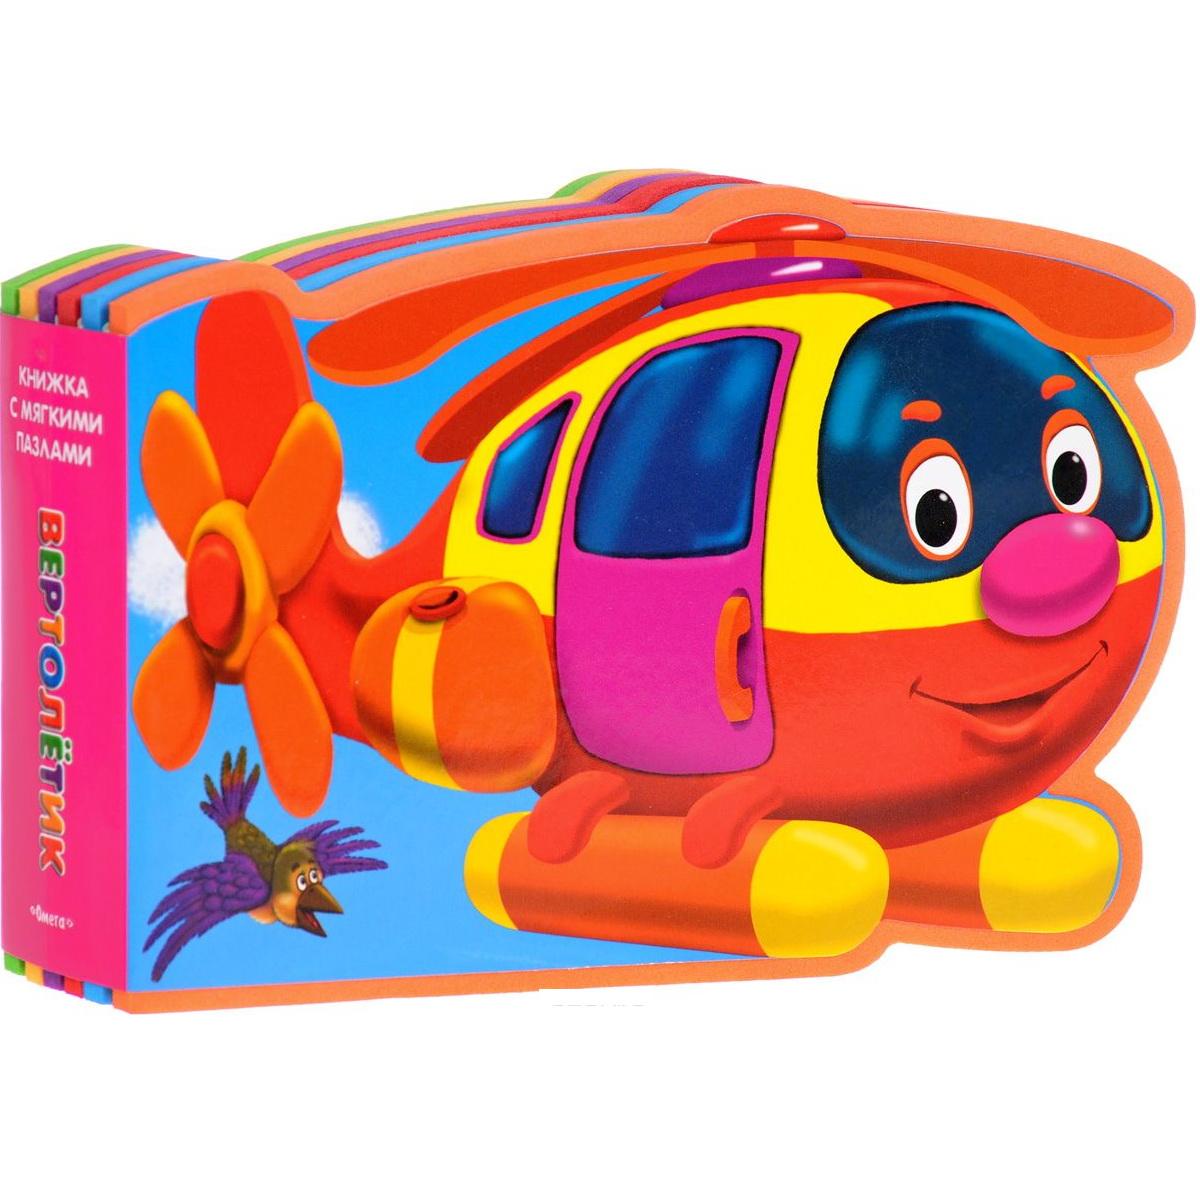 Книжка с мягкими пазлами - ВертолетикБибилиотека детского сада<br>Книжка с мягкими пазлами - Вертолетик<br>